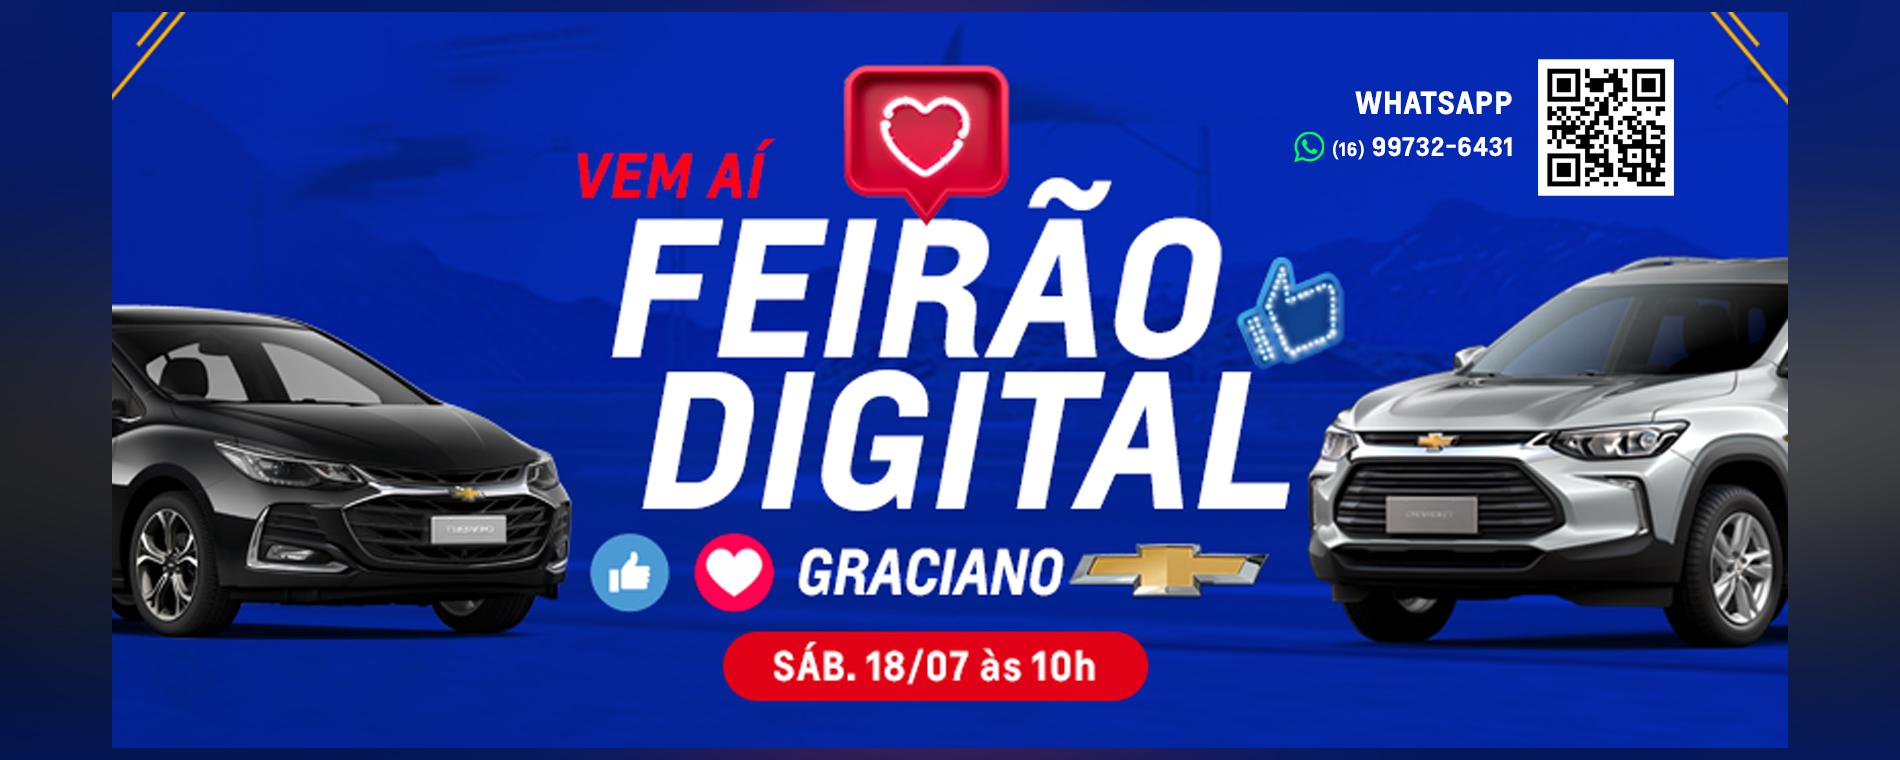 banner feirao digital graciano